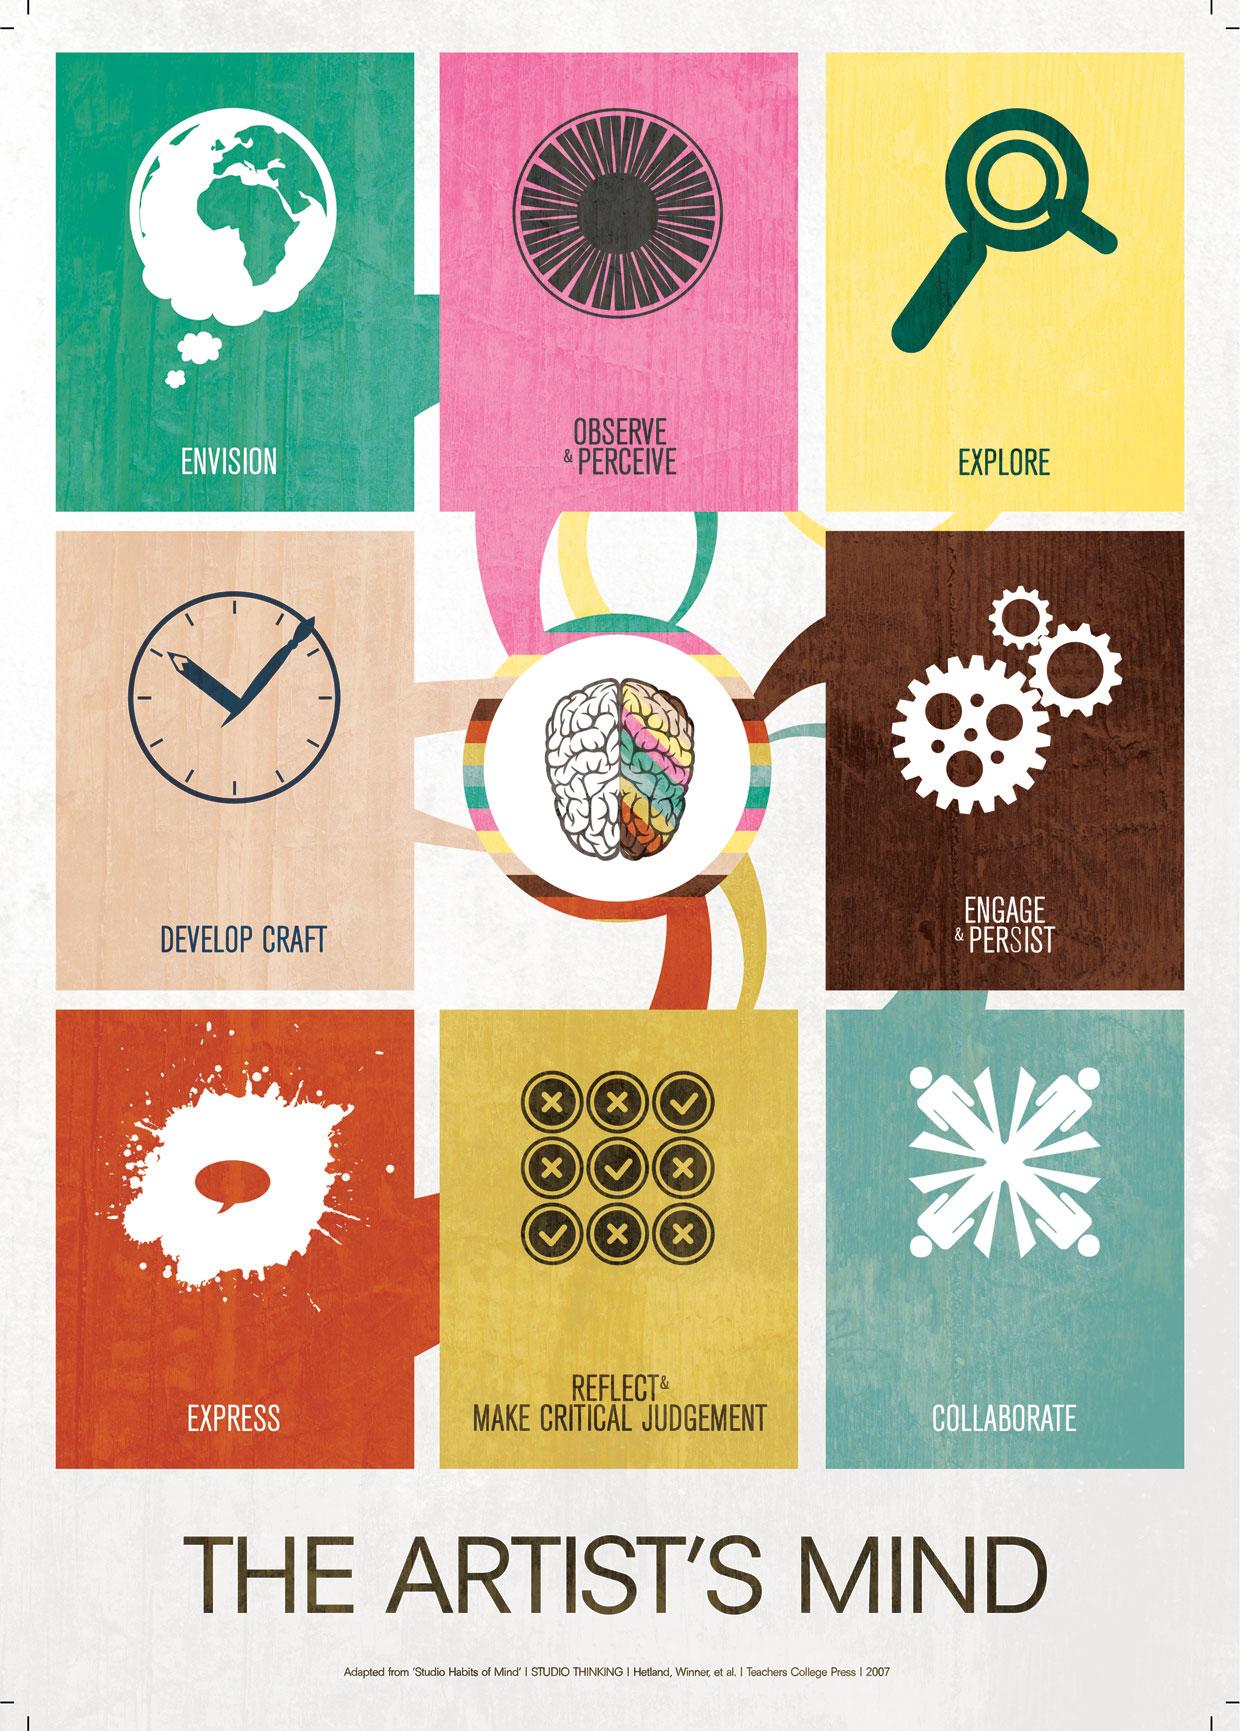 Studio+Habits+of+Mind+Poster+A2+Final+LR.jpg